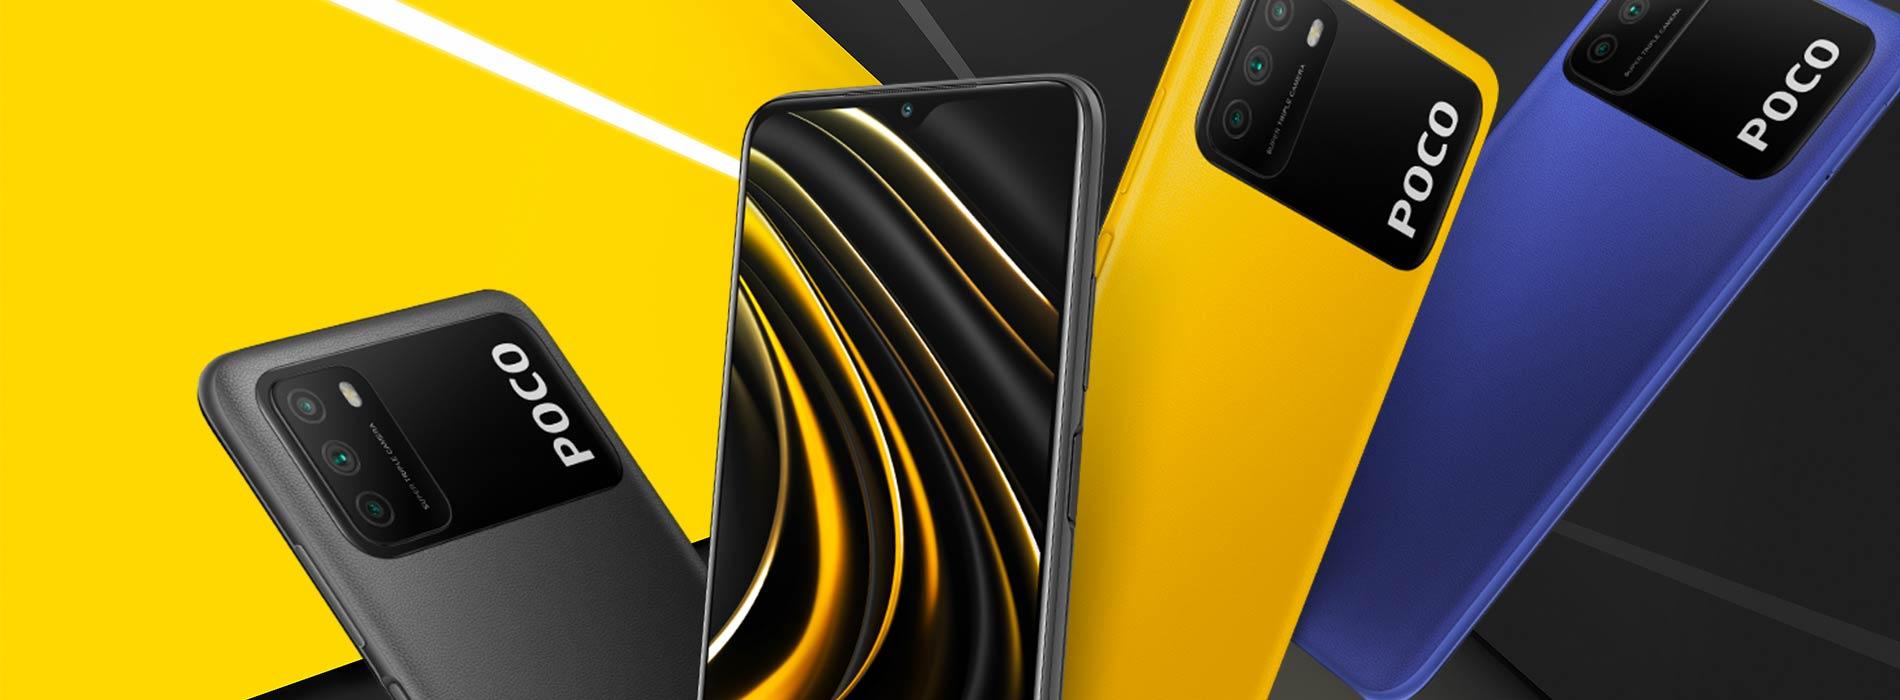 Análise do POCO M3: baratinho da Xiaomi que esbanja bateria e é bom de foto